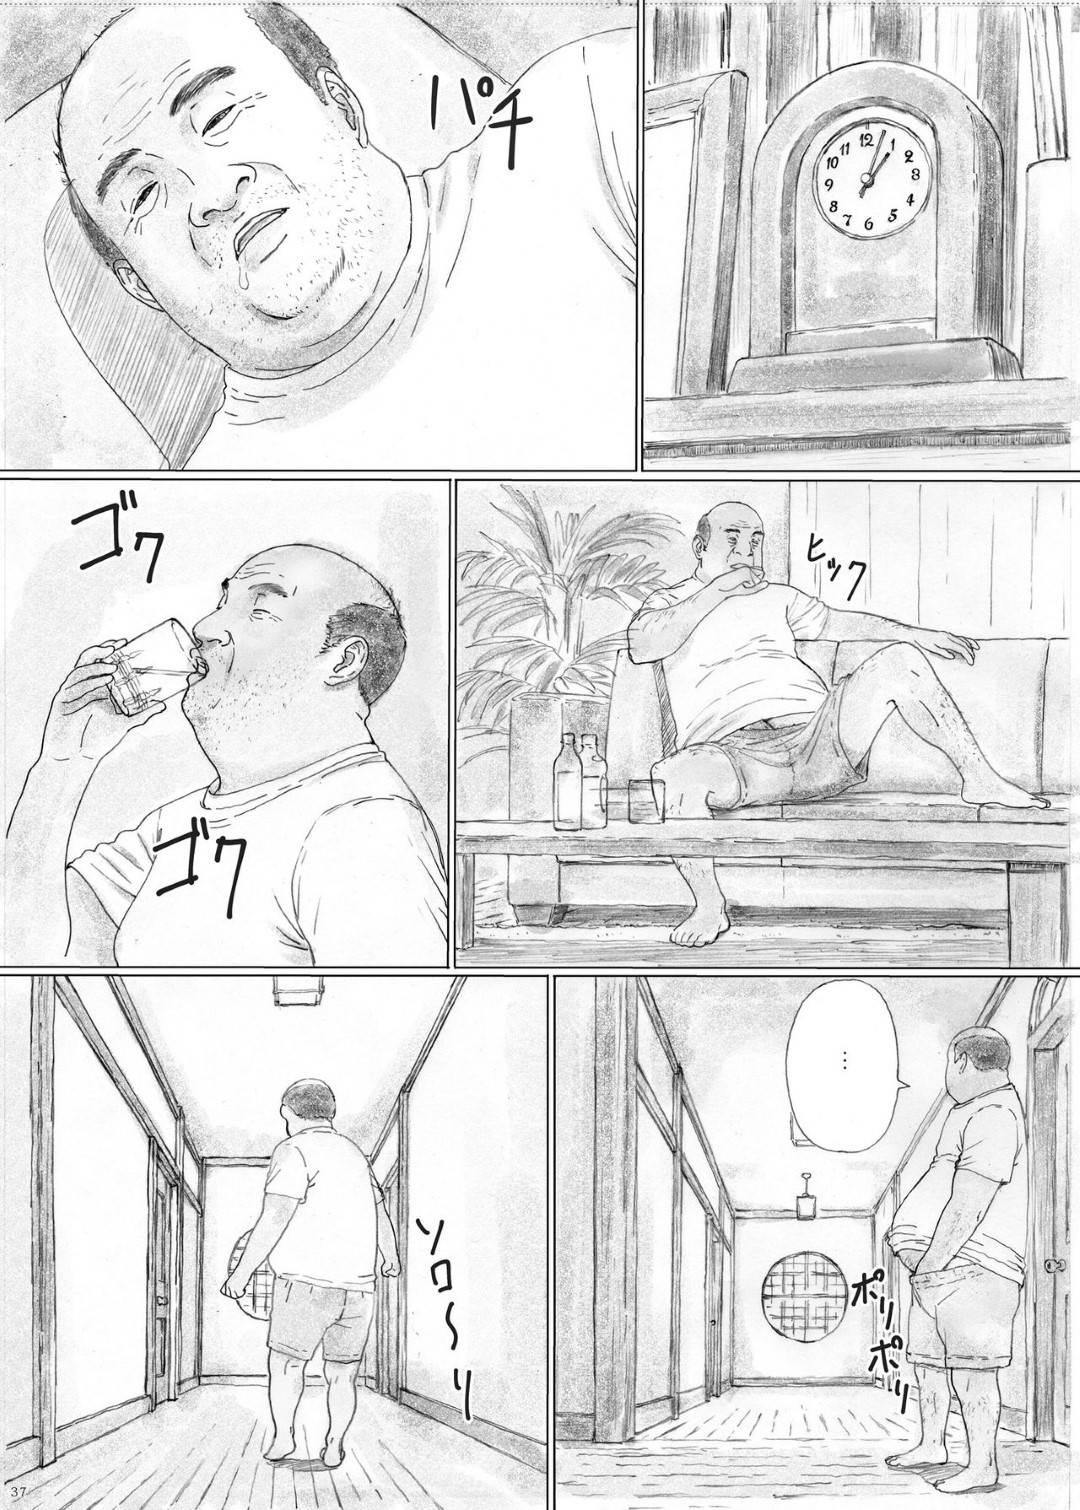 【妻寝取られエロ漫画】夫の単身赴任中に、妻はオナニーしたまま寝てしまうと家に来ていた夫のキモ兄に見つかり寝取りレイプで犯される【カルーア鈴木】